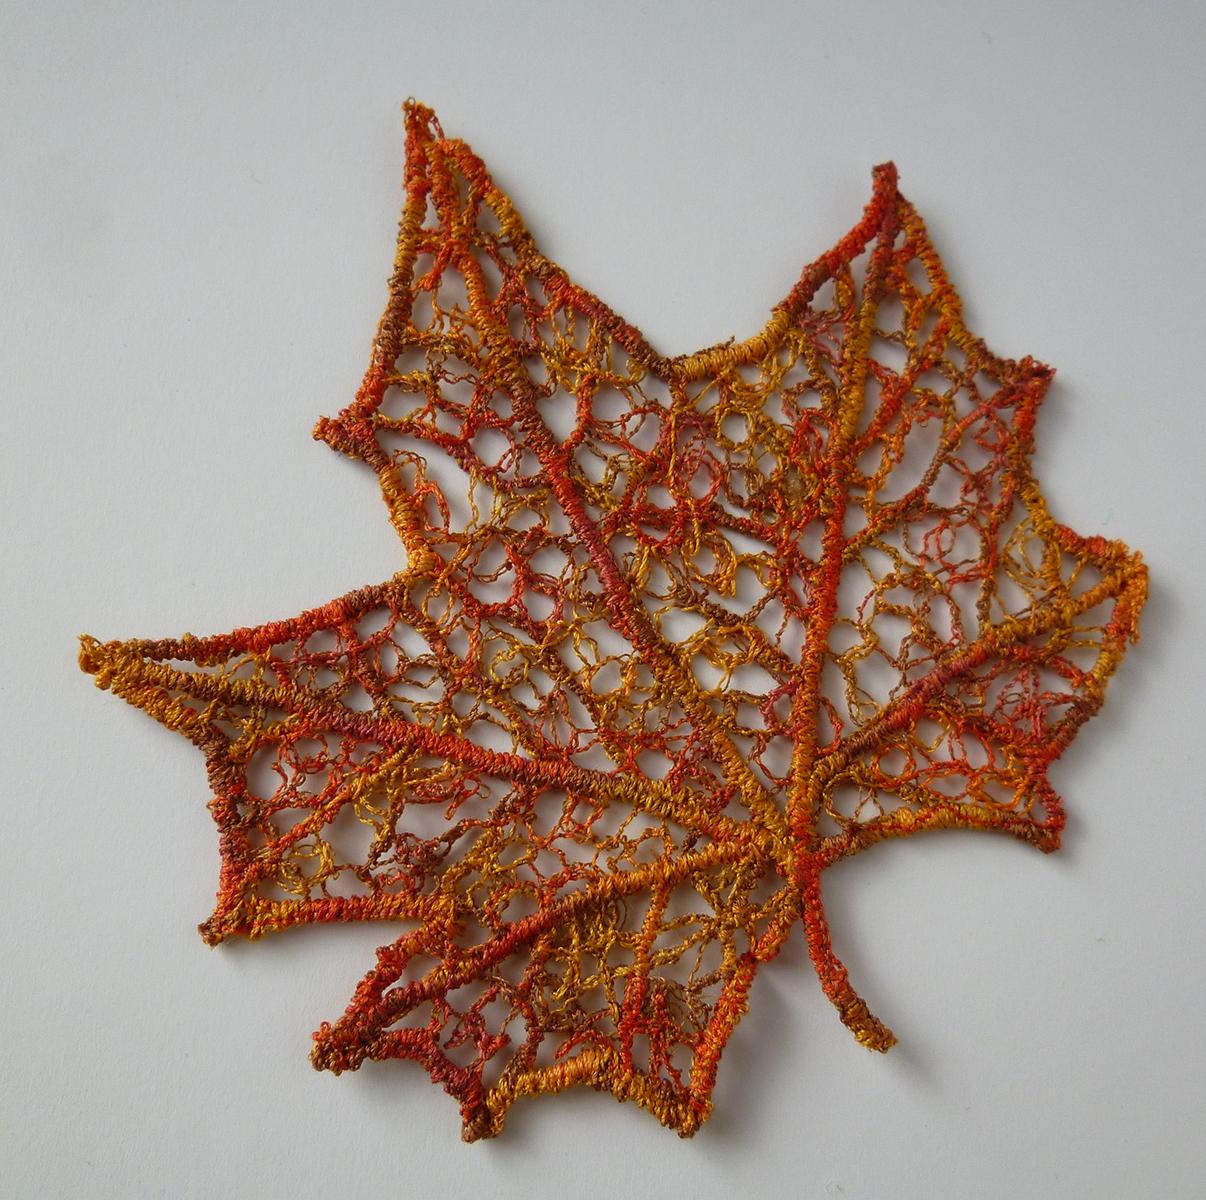 Maple leaf - Geraldine Beirne.jpg